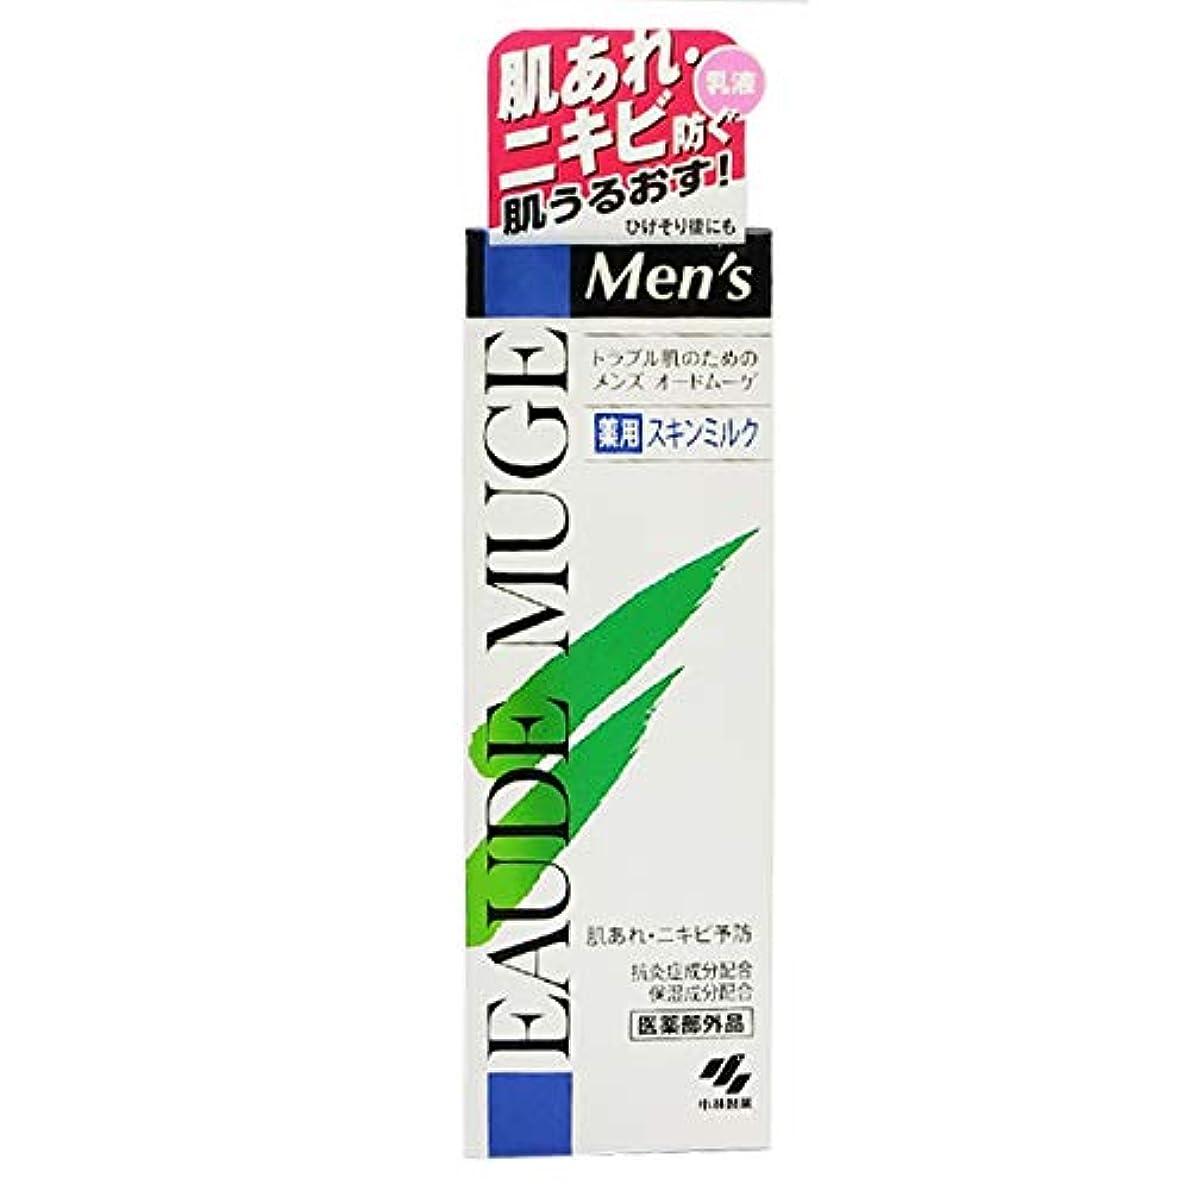 ペインエレガント公式メンズ オードムーゲ 薬用スキンミルク